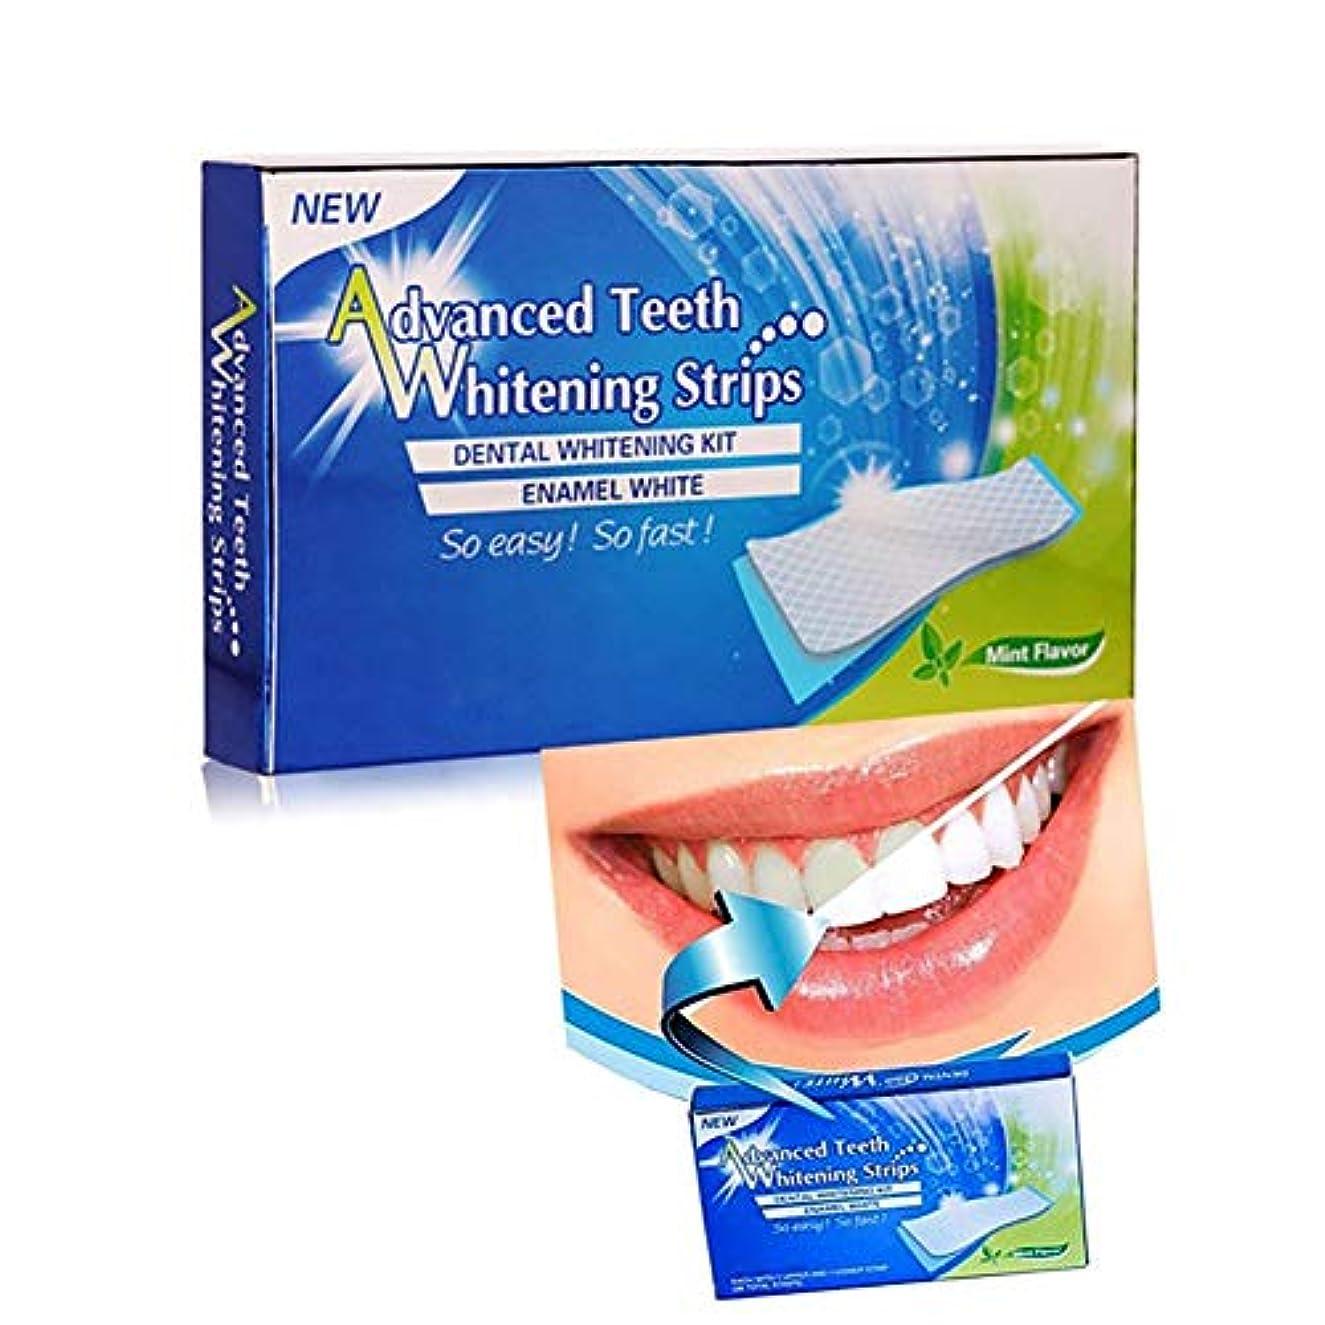 自伝何十人もパン屋口腔洗浄器3Dホワイトニング歯磨き粉セット、28回